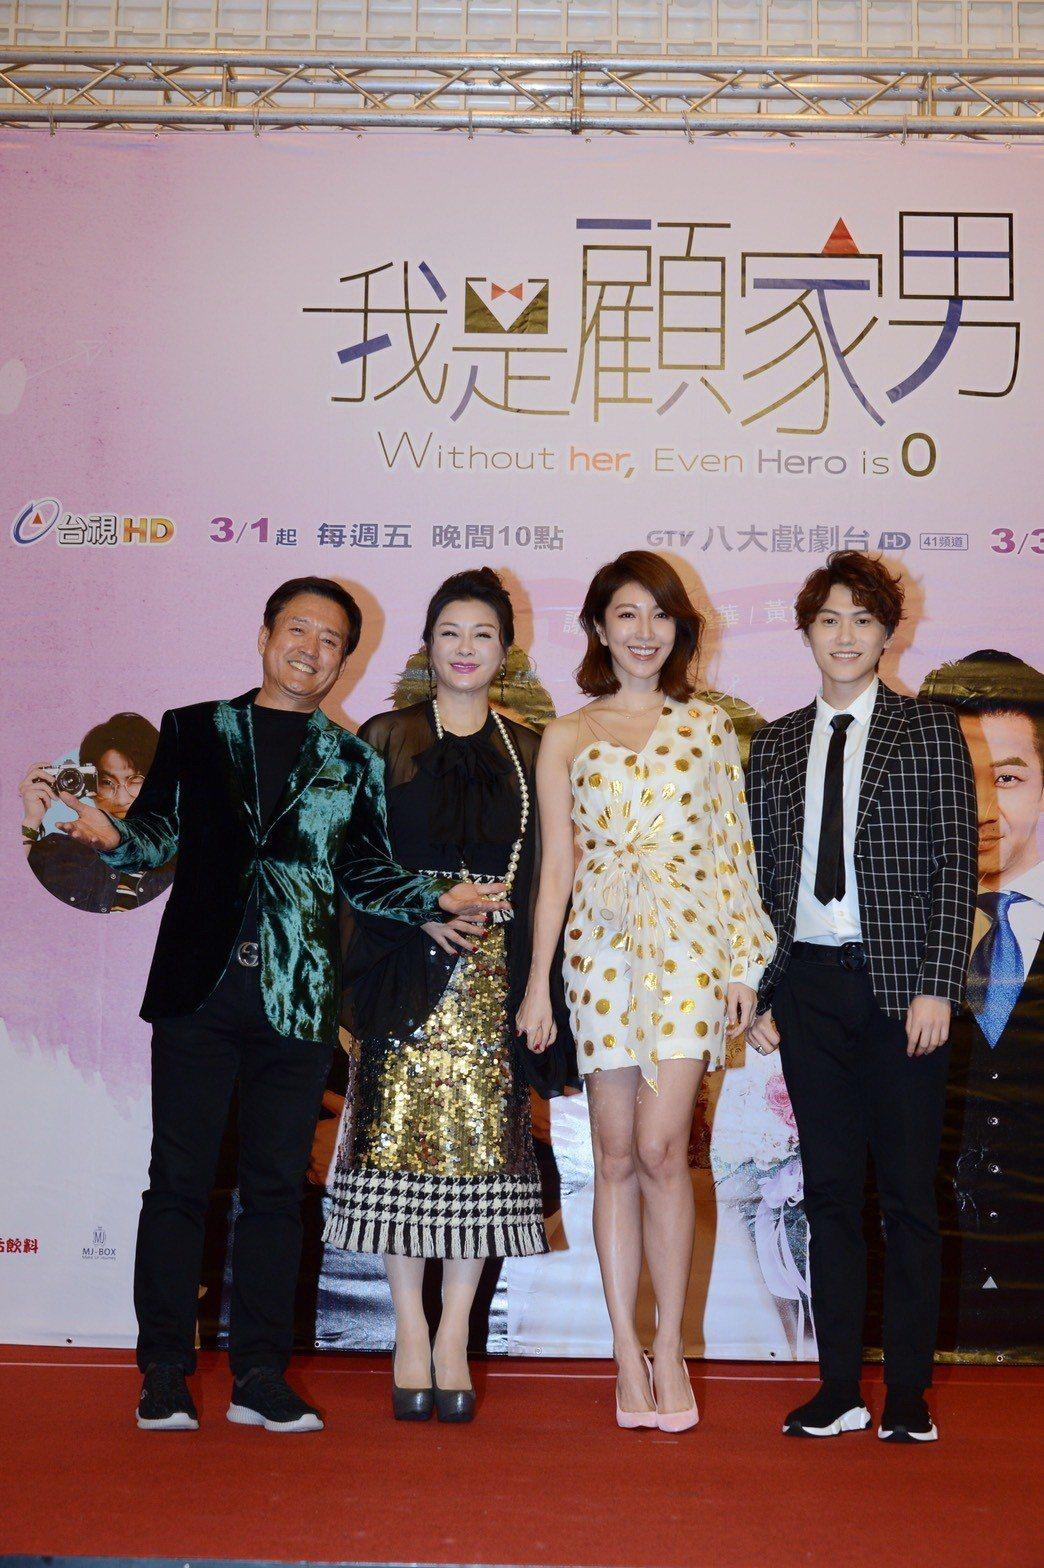 檢場(左起)、葛蕾、楊謹華、邱宇辰在「我是顧家男」中是一家人。圖/八大提供